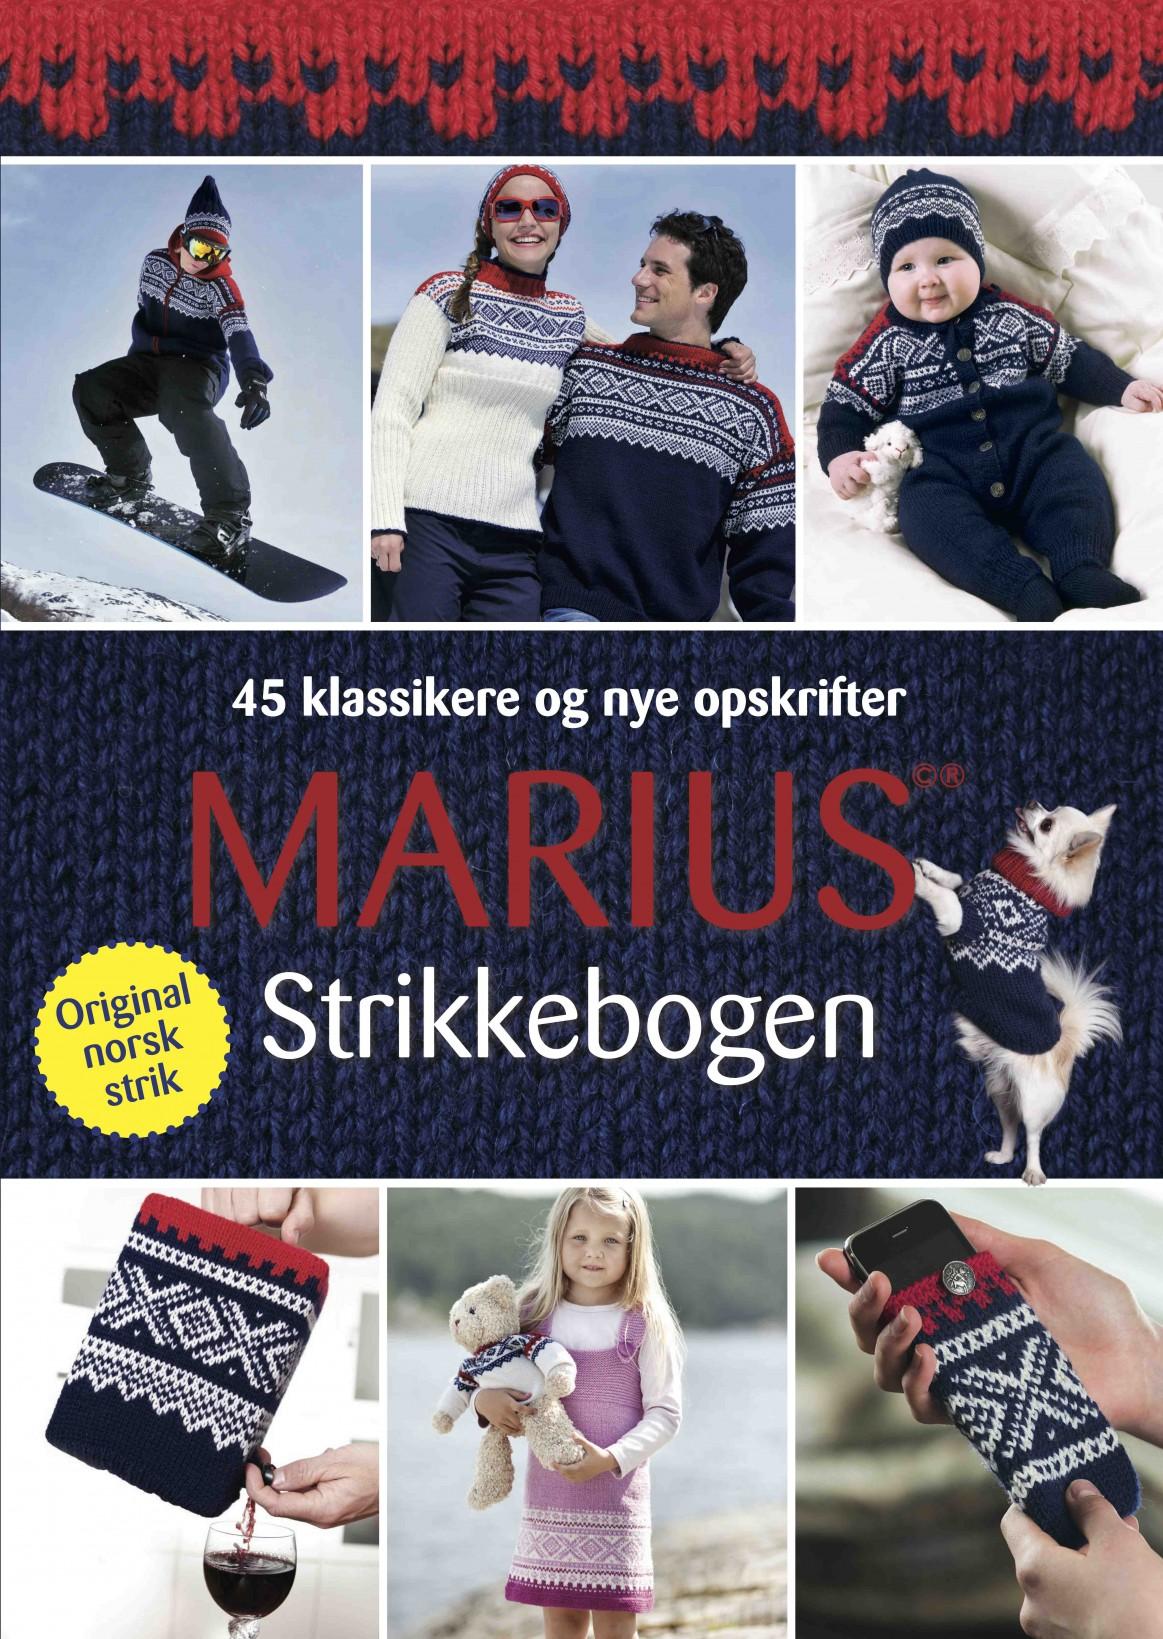 Marius strikkebogen - forside